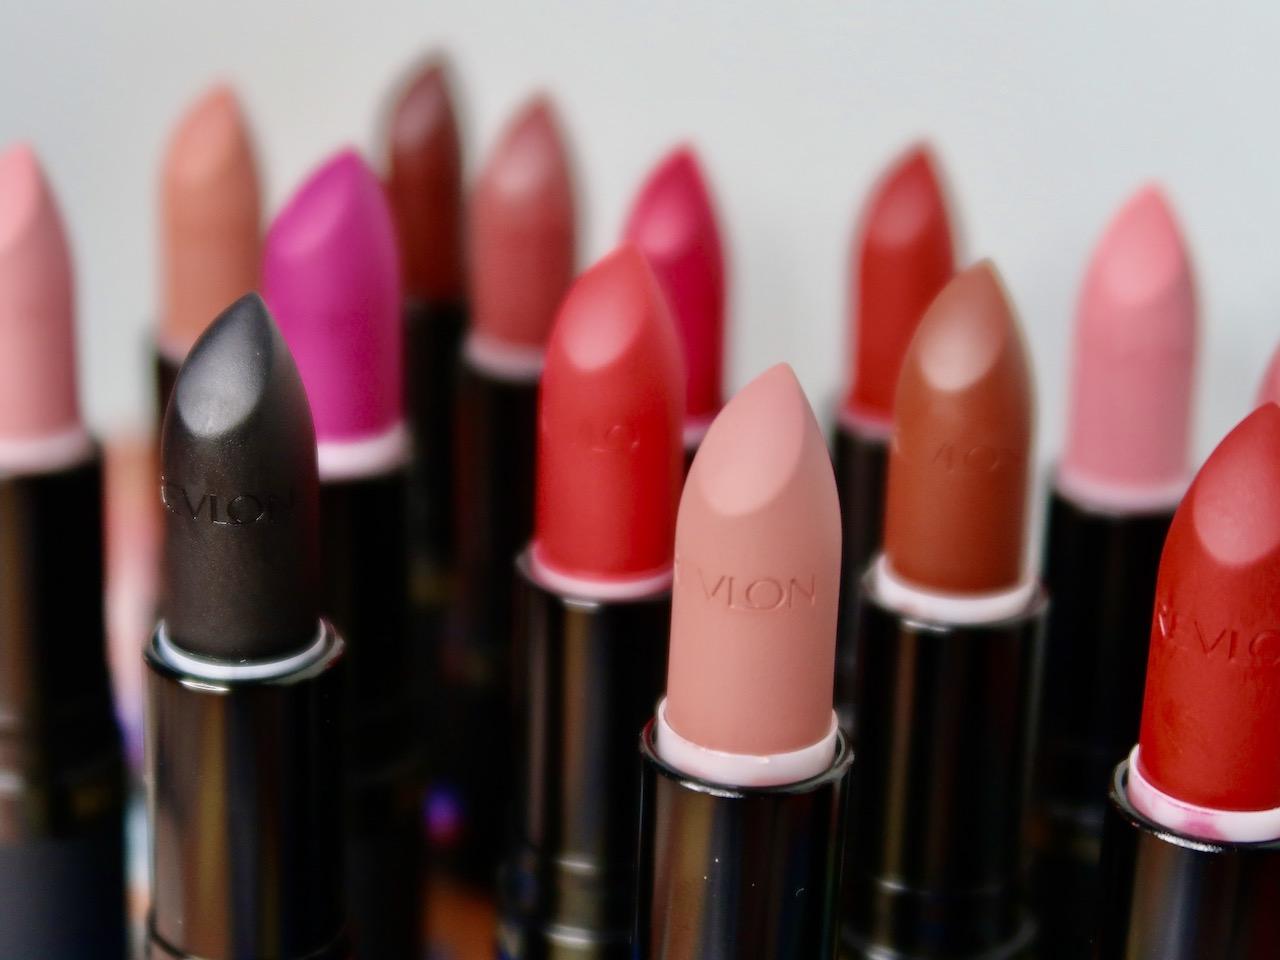 Revlon Super Lustrous Melting Glass Shine Lipstick